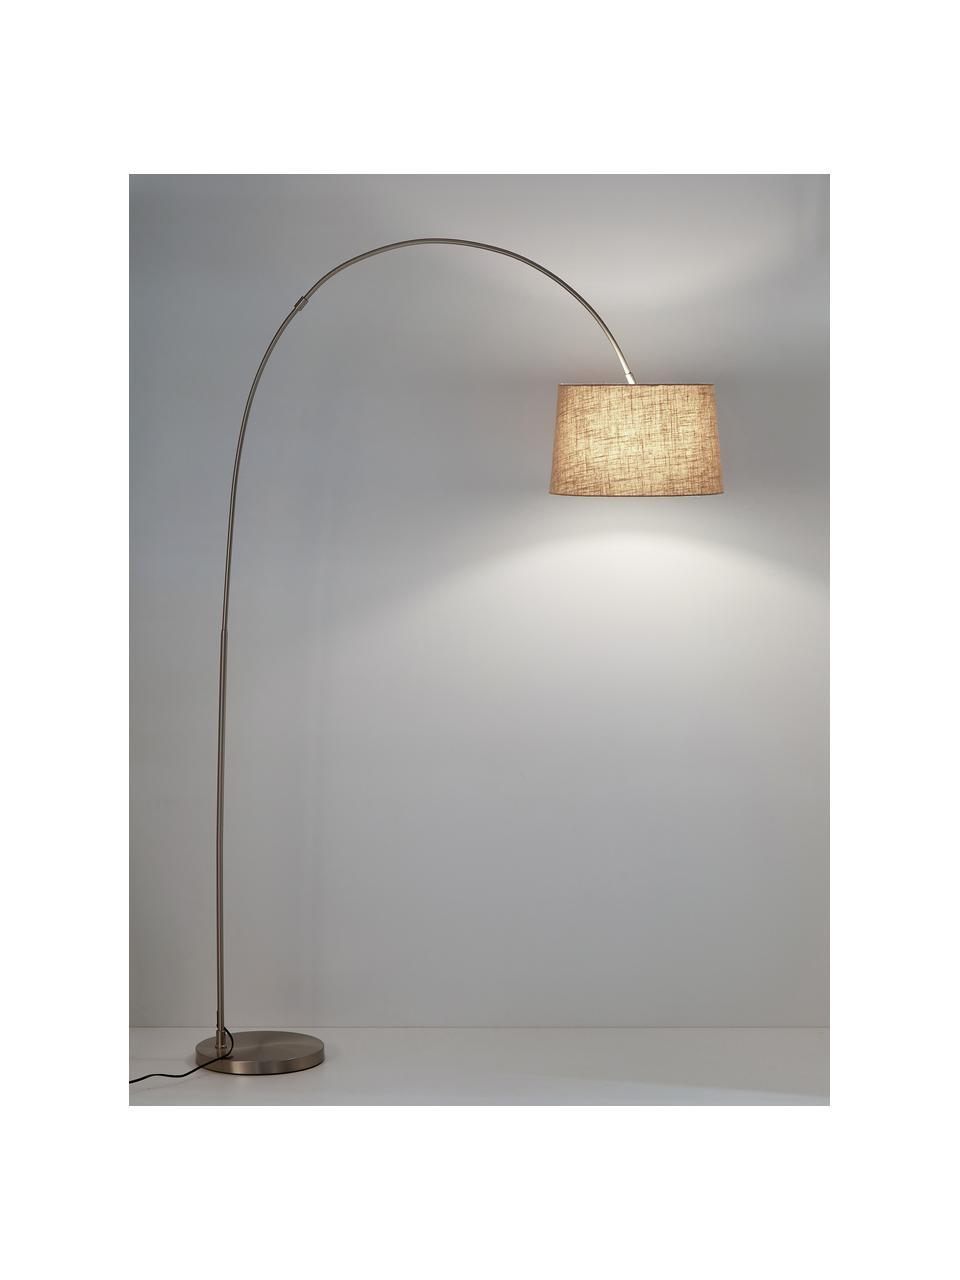 Bogenlampe Laurence mit Baumwollschirm, Lampenschirm: Baumwollgemisch, Lampenfuß: Metall, gebürstet, Beige,Silberfarben, Ø 40 x H 188 cm